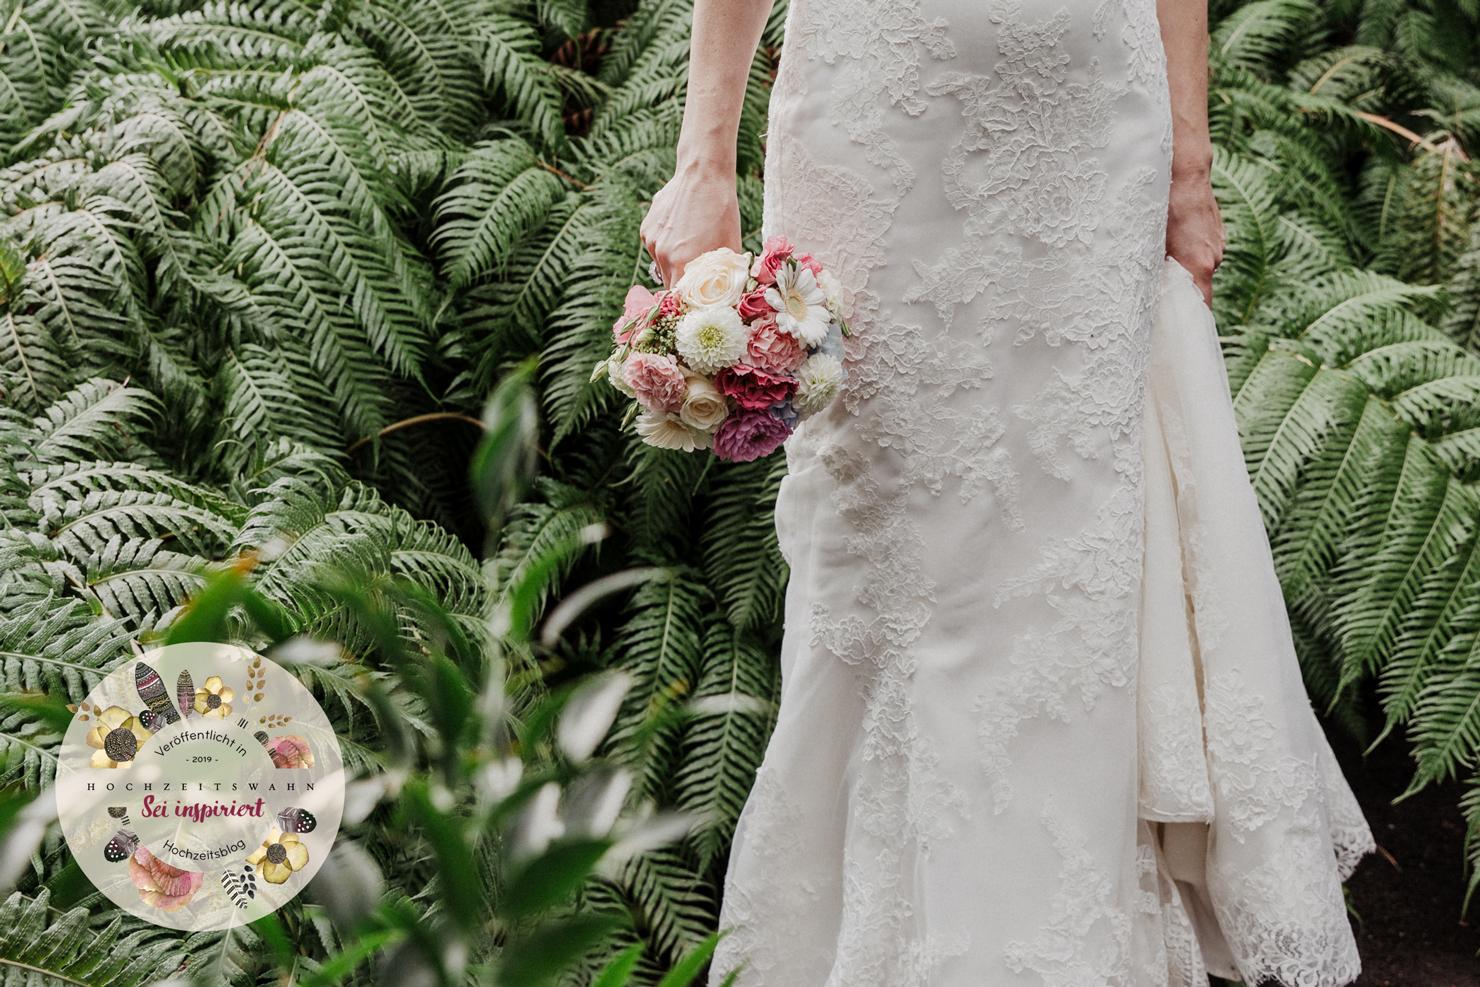 Boho-Hochzeit veroeffentlicht im Hochzeitswahn Blog